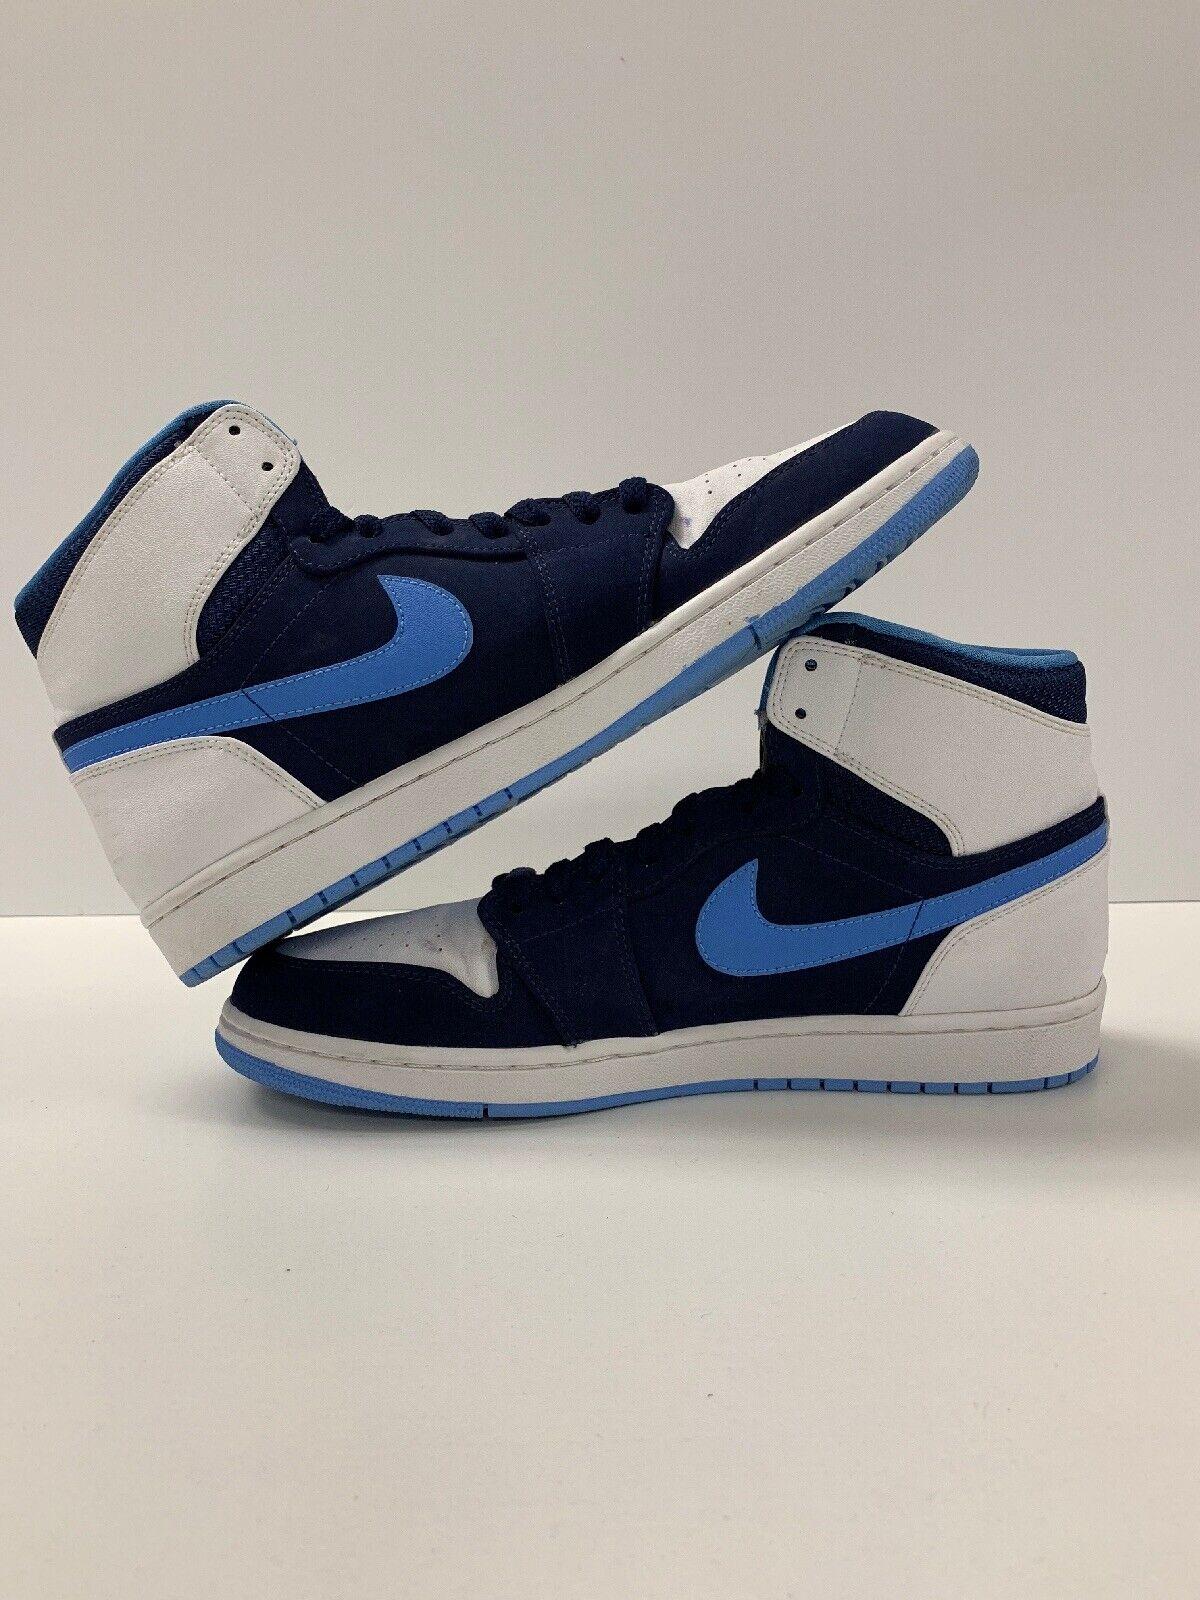 Nike Air Jordan Retro 1 High CP3 Chris Paul White bluee (332550-402) Mens Size 11